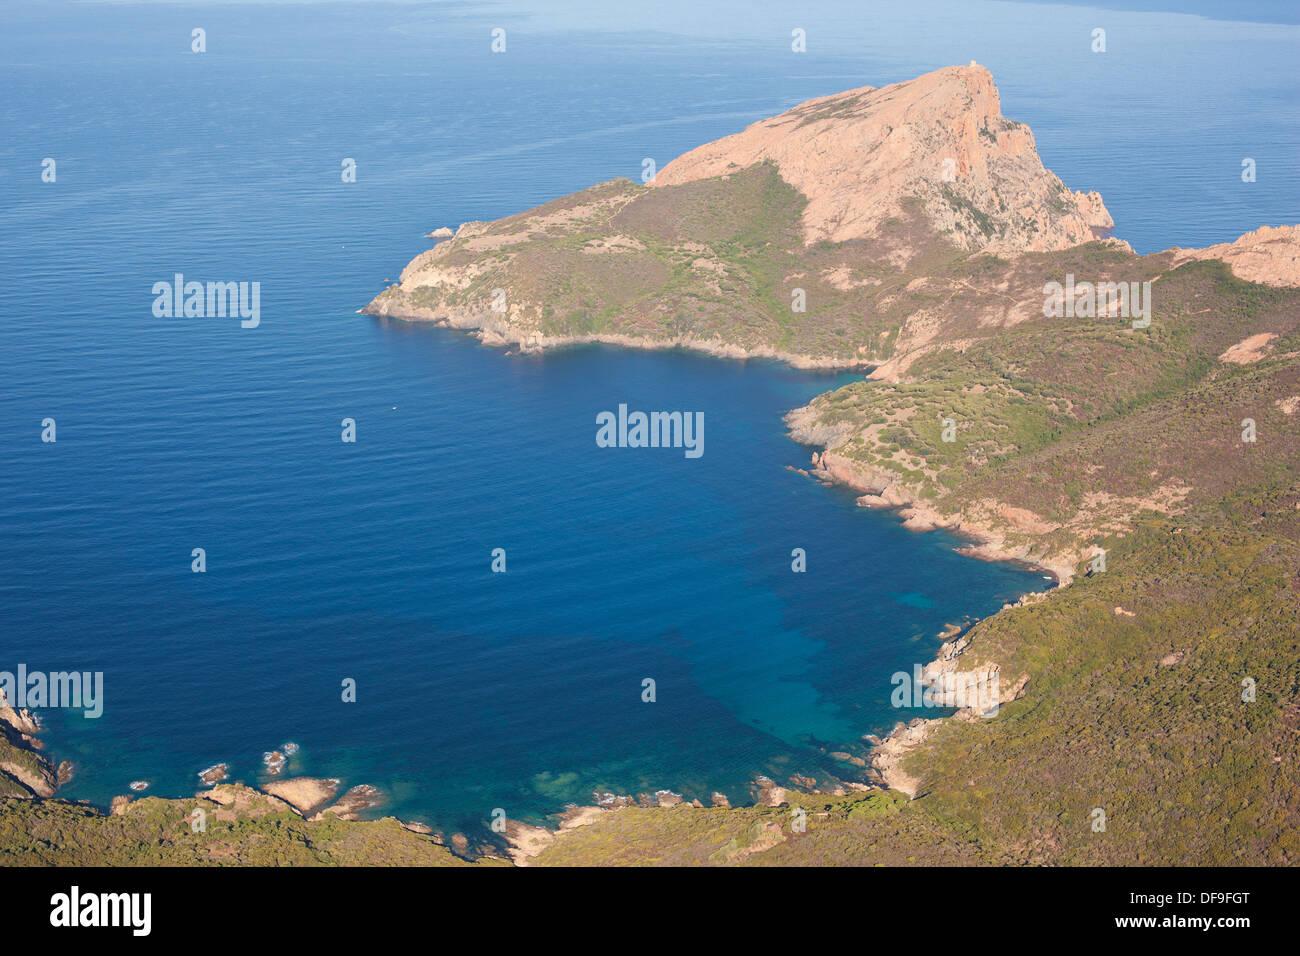 Promontorio roccioso (vista aerea). 331-metro-alta Capo Rosso / Capu Rossu, Corsica, Francia. Immagini Stock